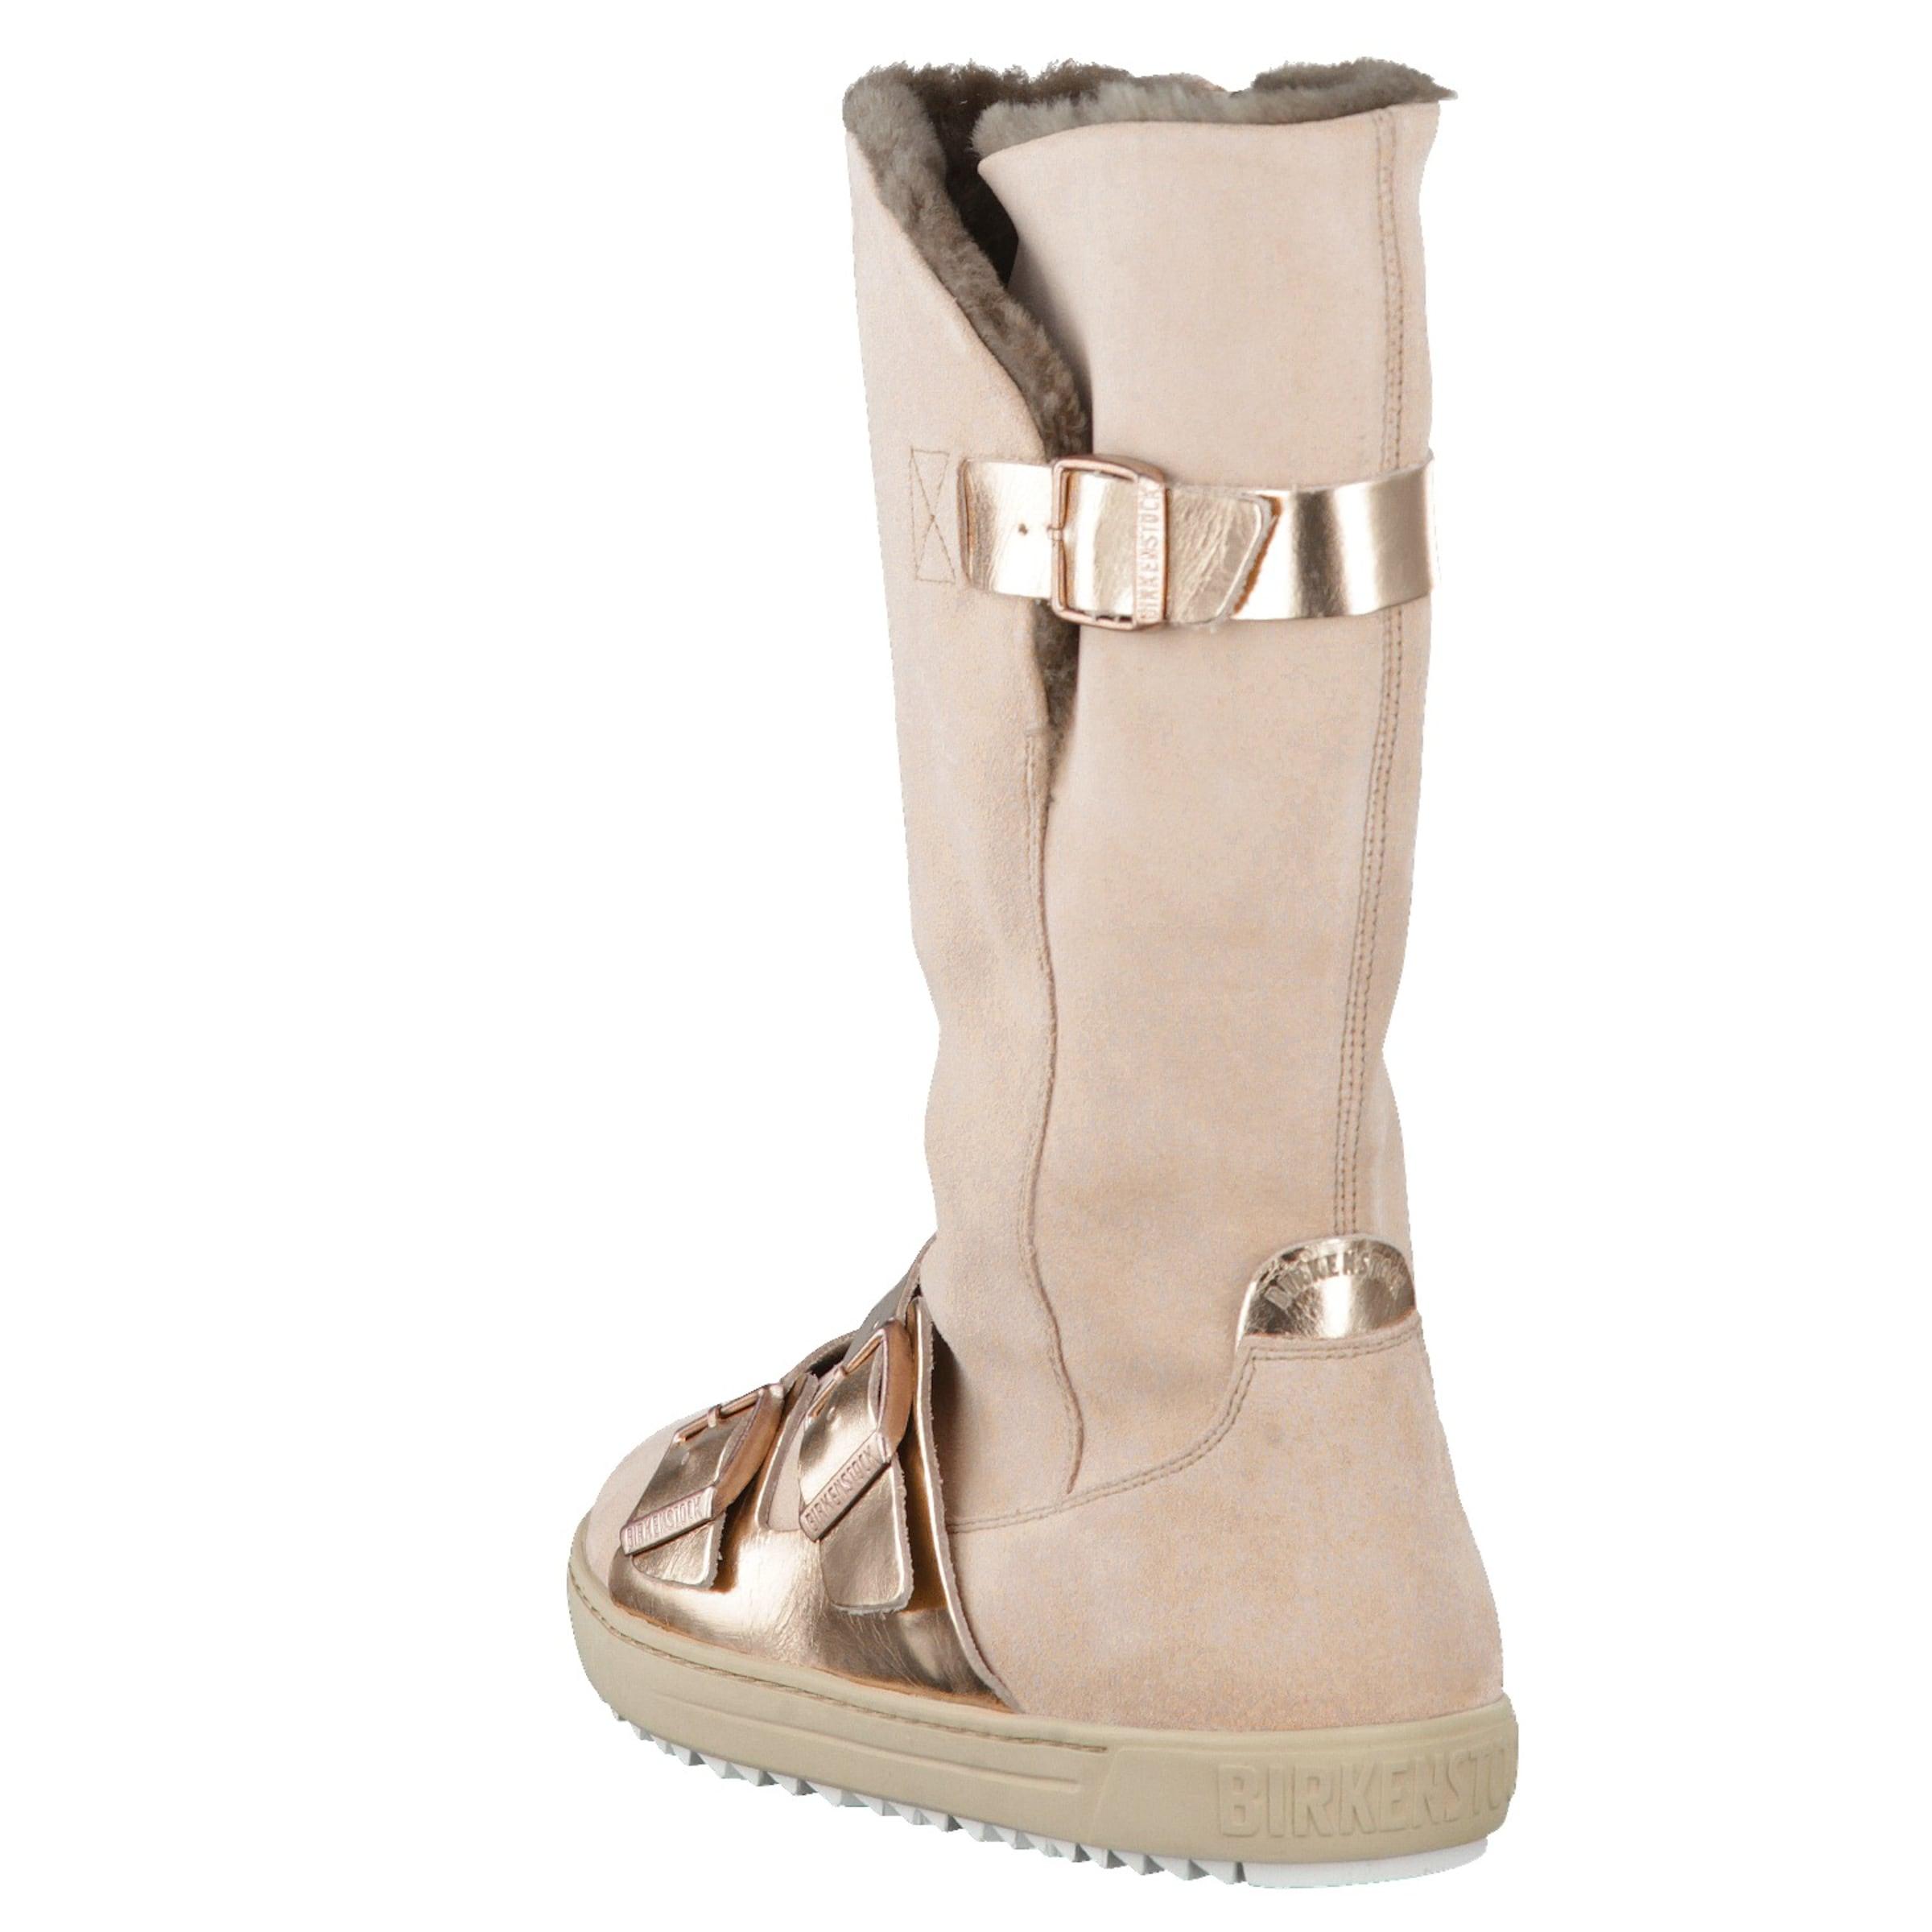 Qualität Verkaufsqualität BIRKENSTOCK Boots 'Danbury 1000395' Verkaufen Sind Große Bestes Geschäft Zu Bekommen Günstigen Preis zxrYJeL